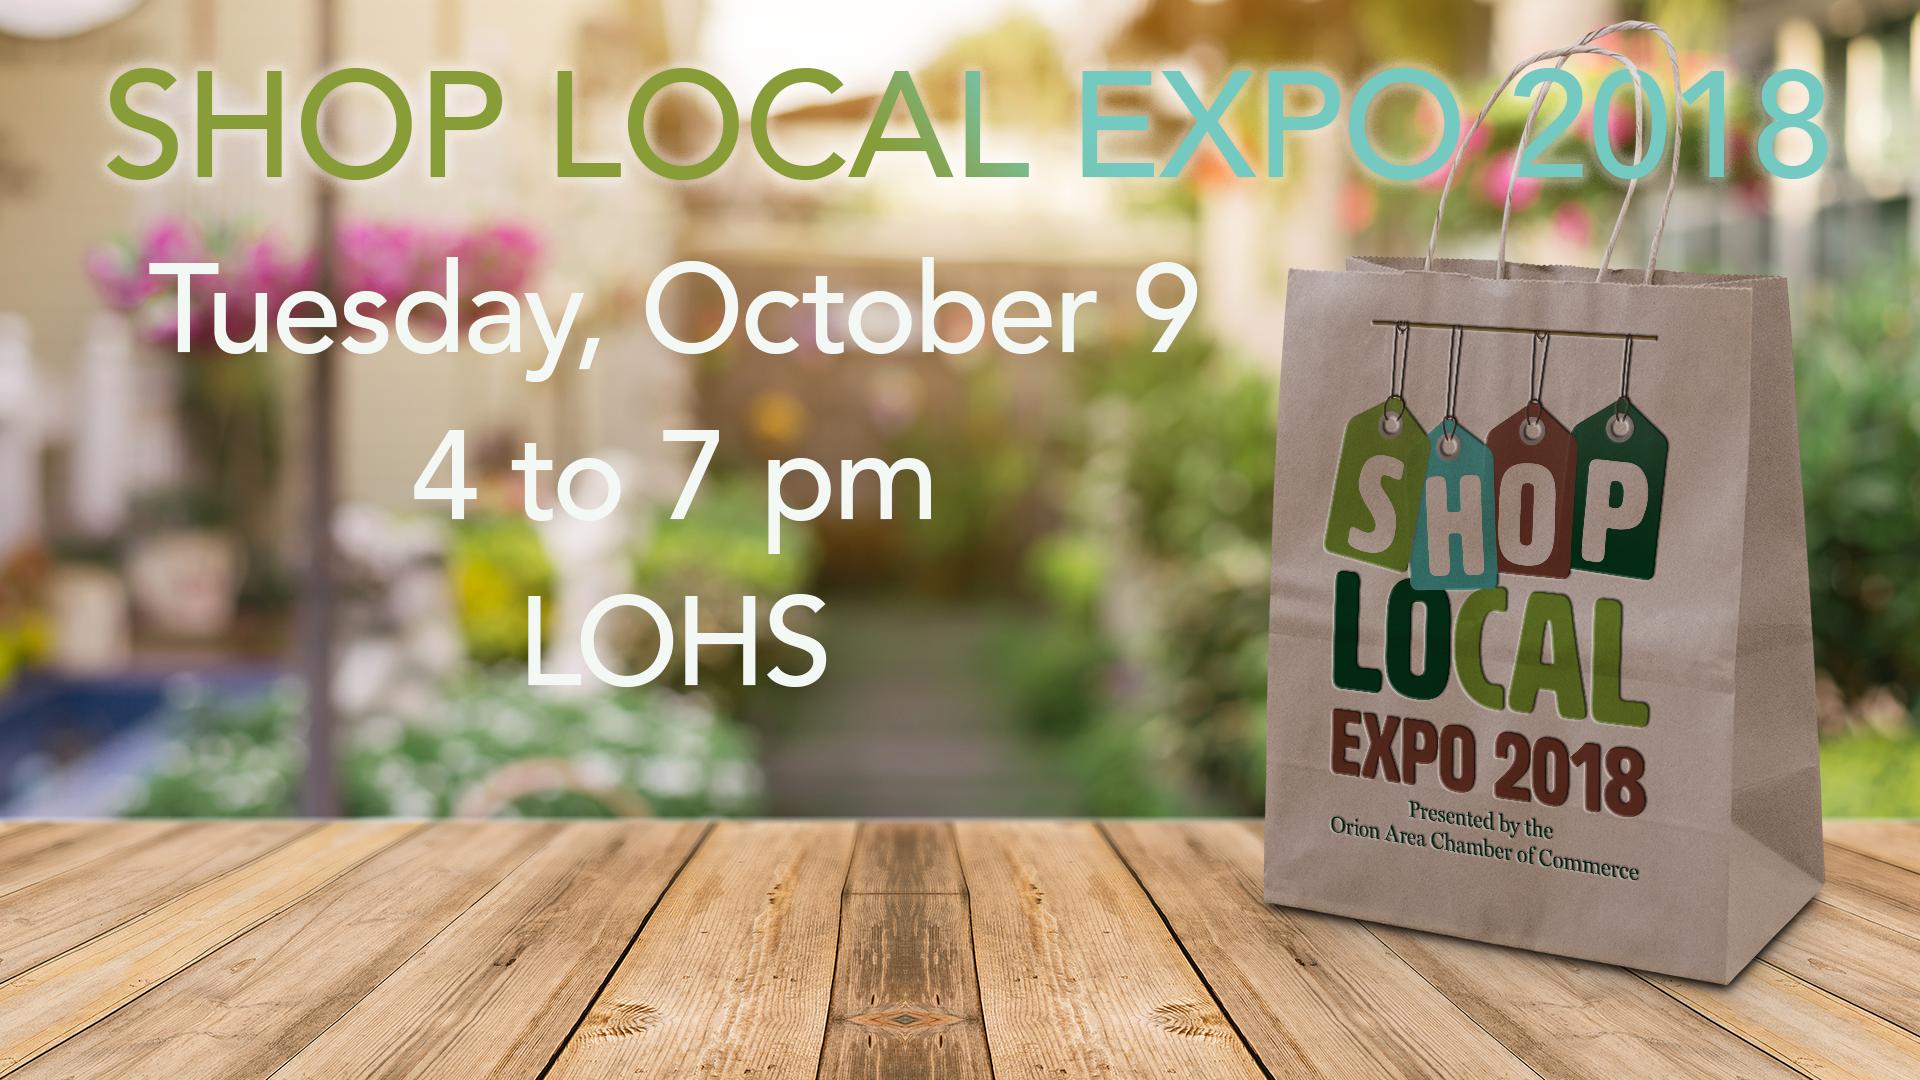 Shop Local Expo 2018